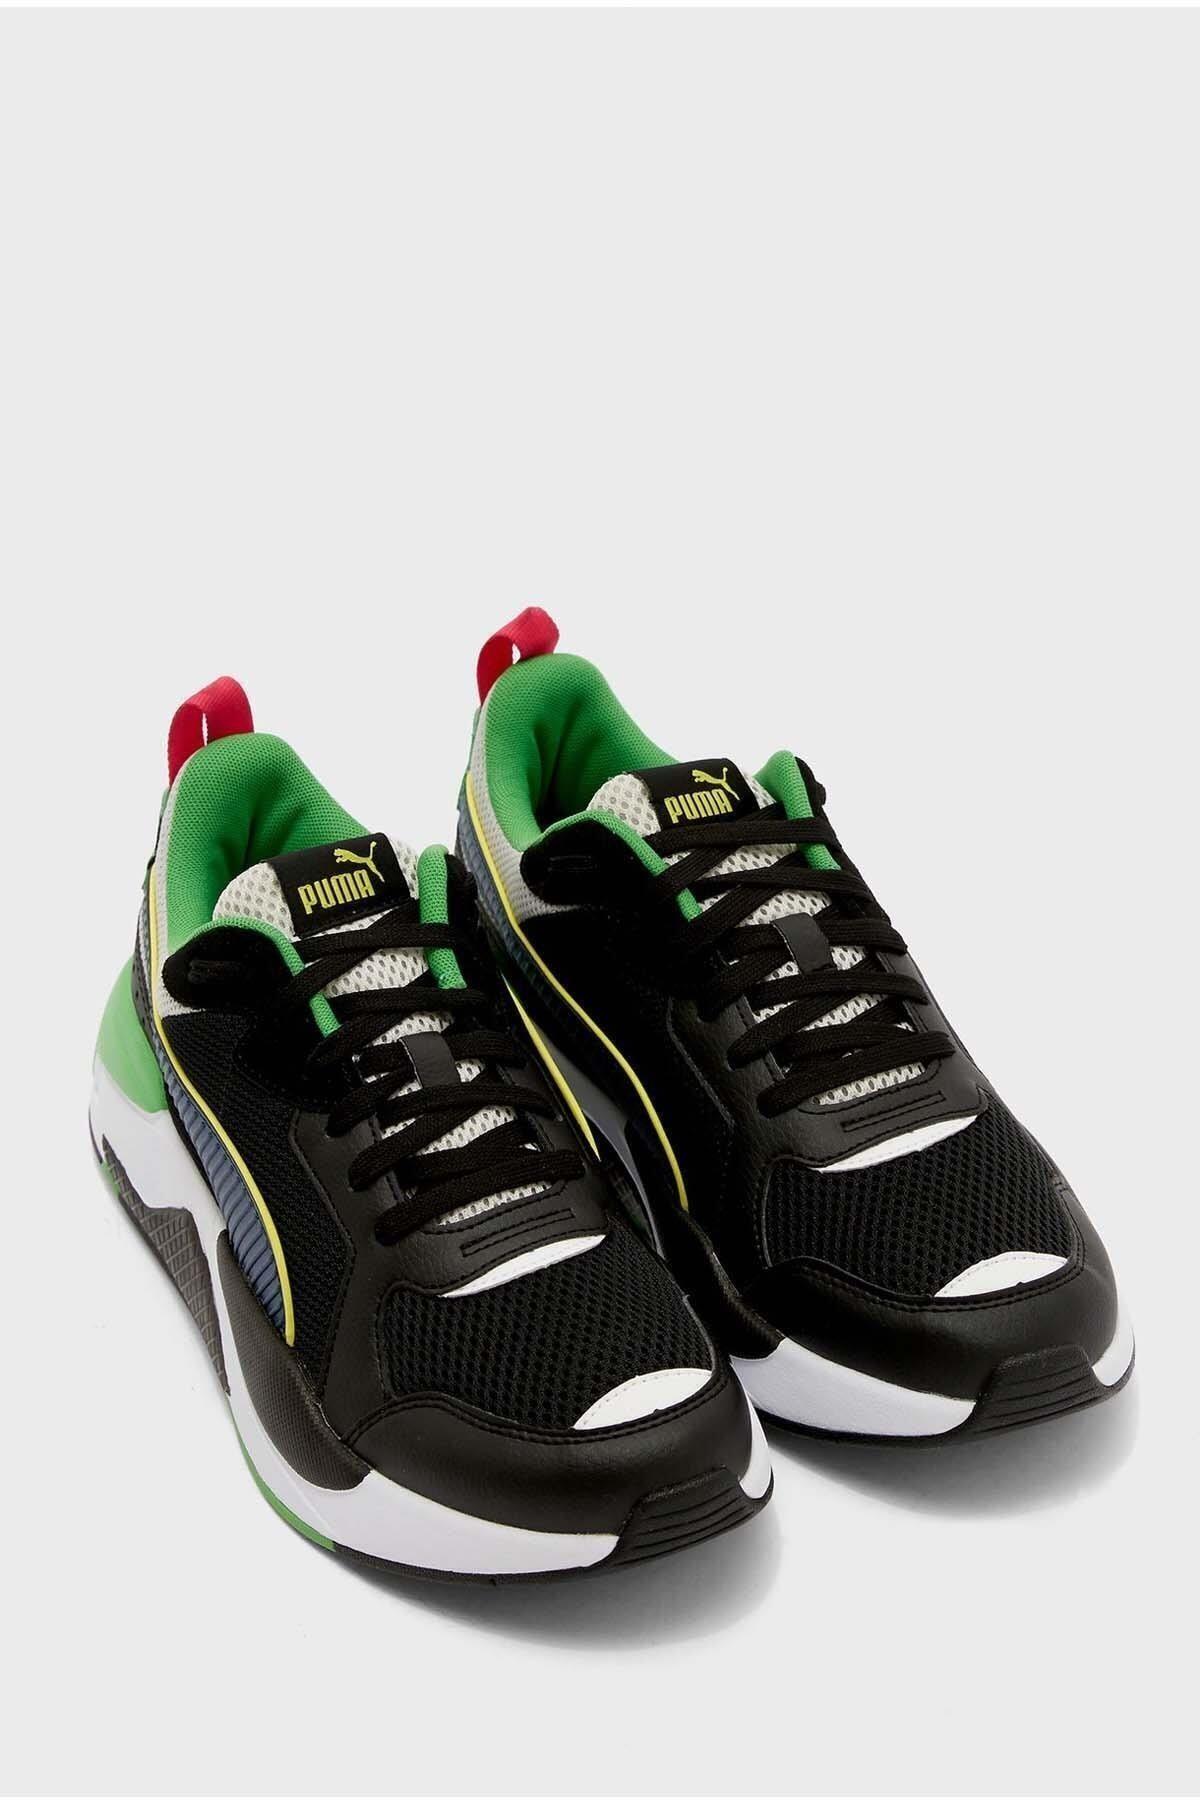 Puma 372602 X-ray Ayakkabı 1